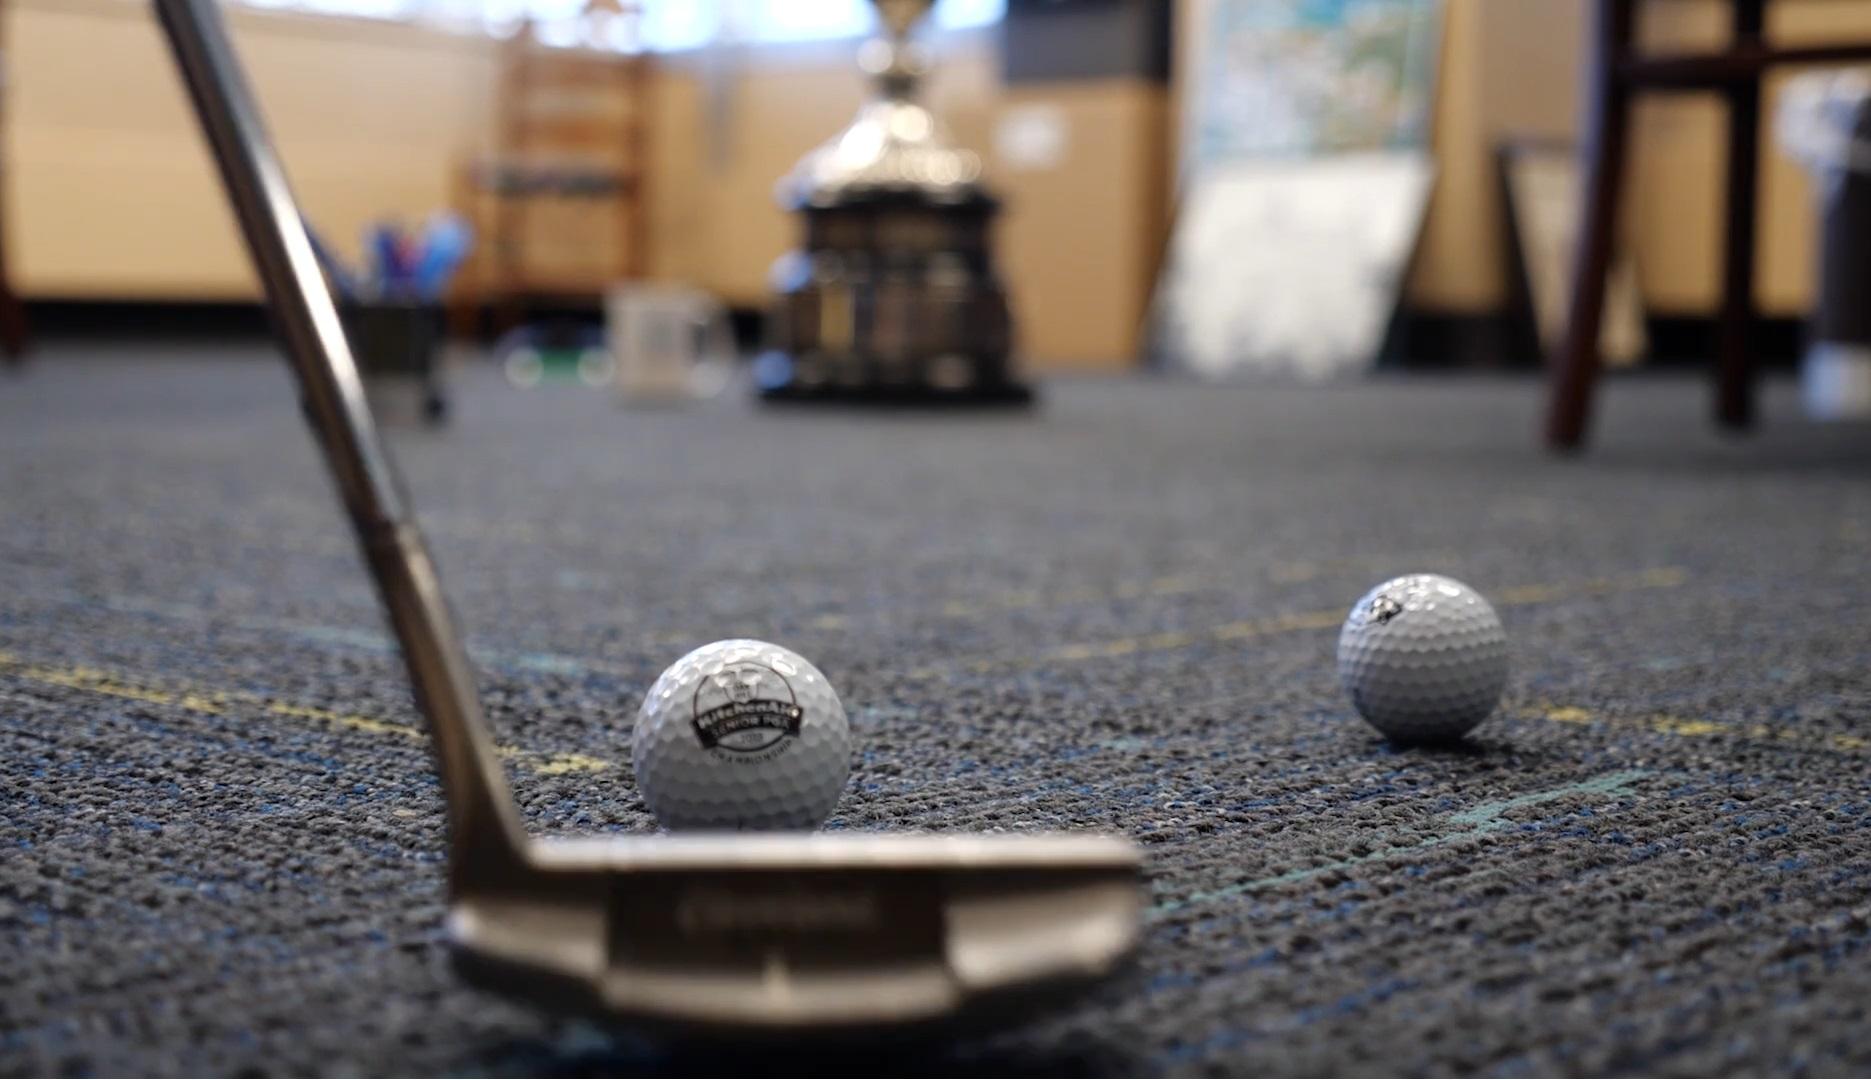 office golfing senior pga_1546898512366.jpg-118809282.jpg